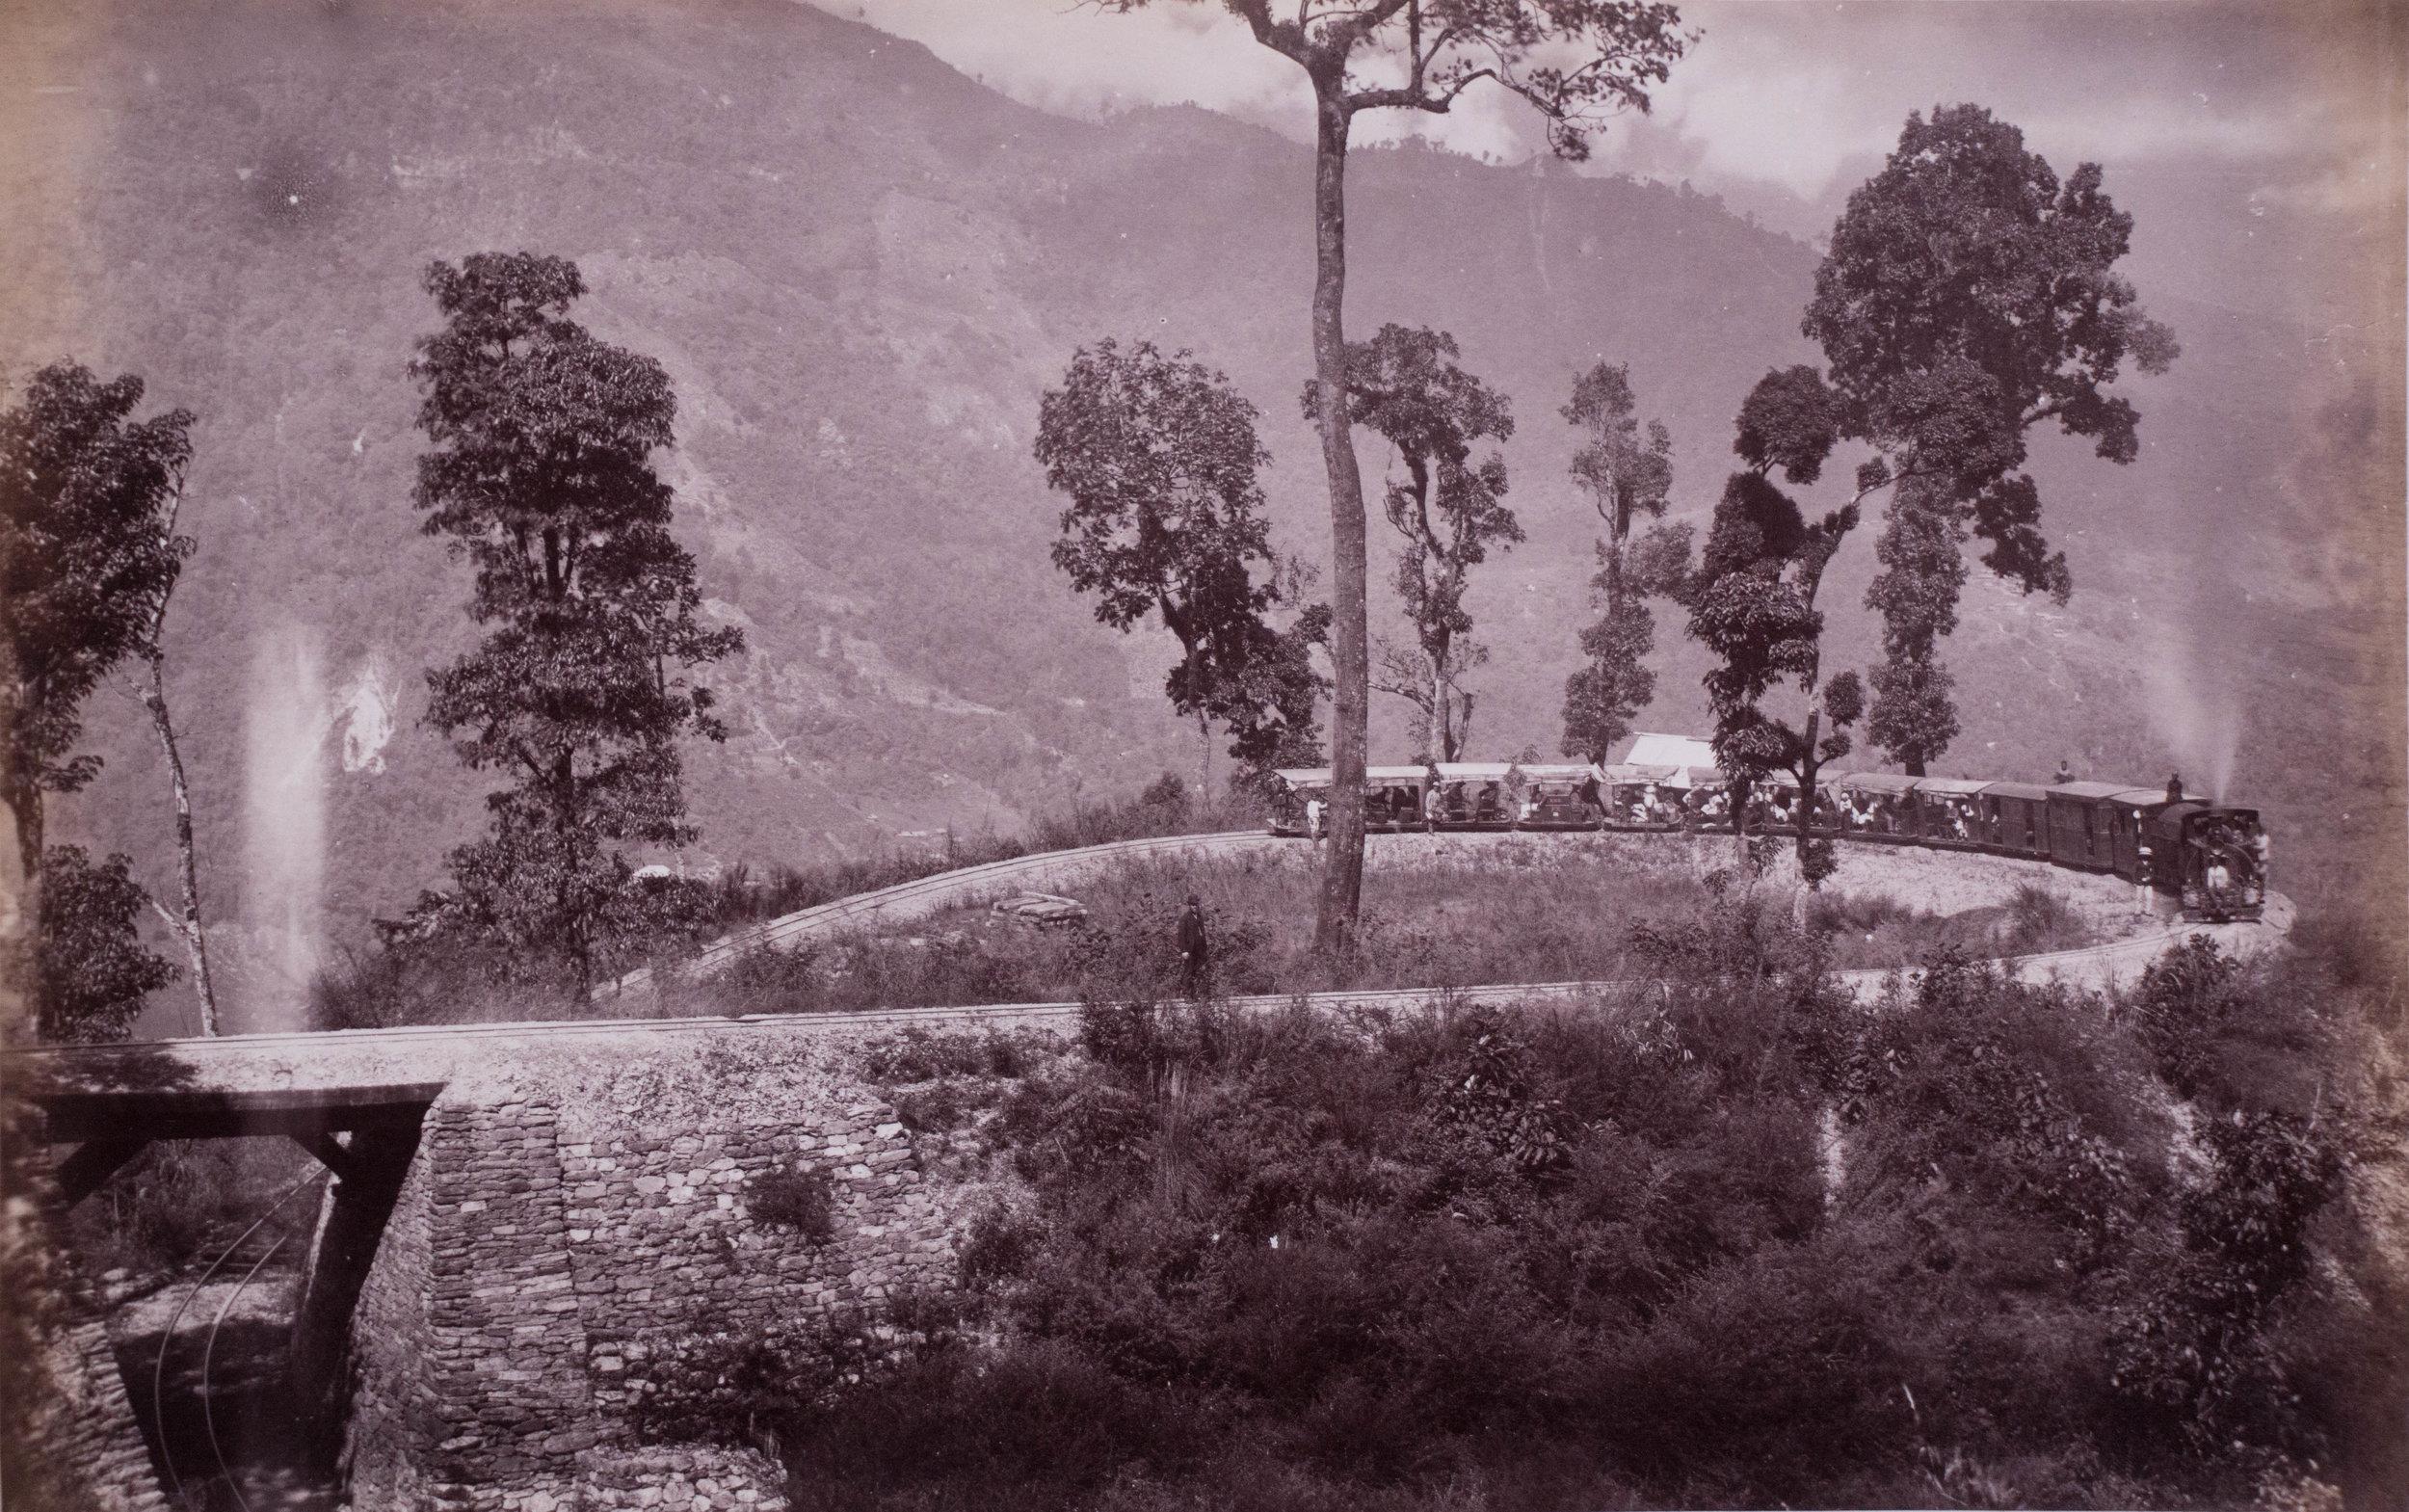 Vue de l'Inde Anglaise-Le chemin de fer de Darjeeling 3.jpg